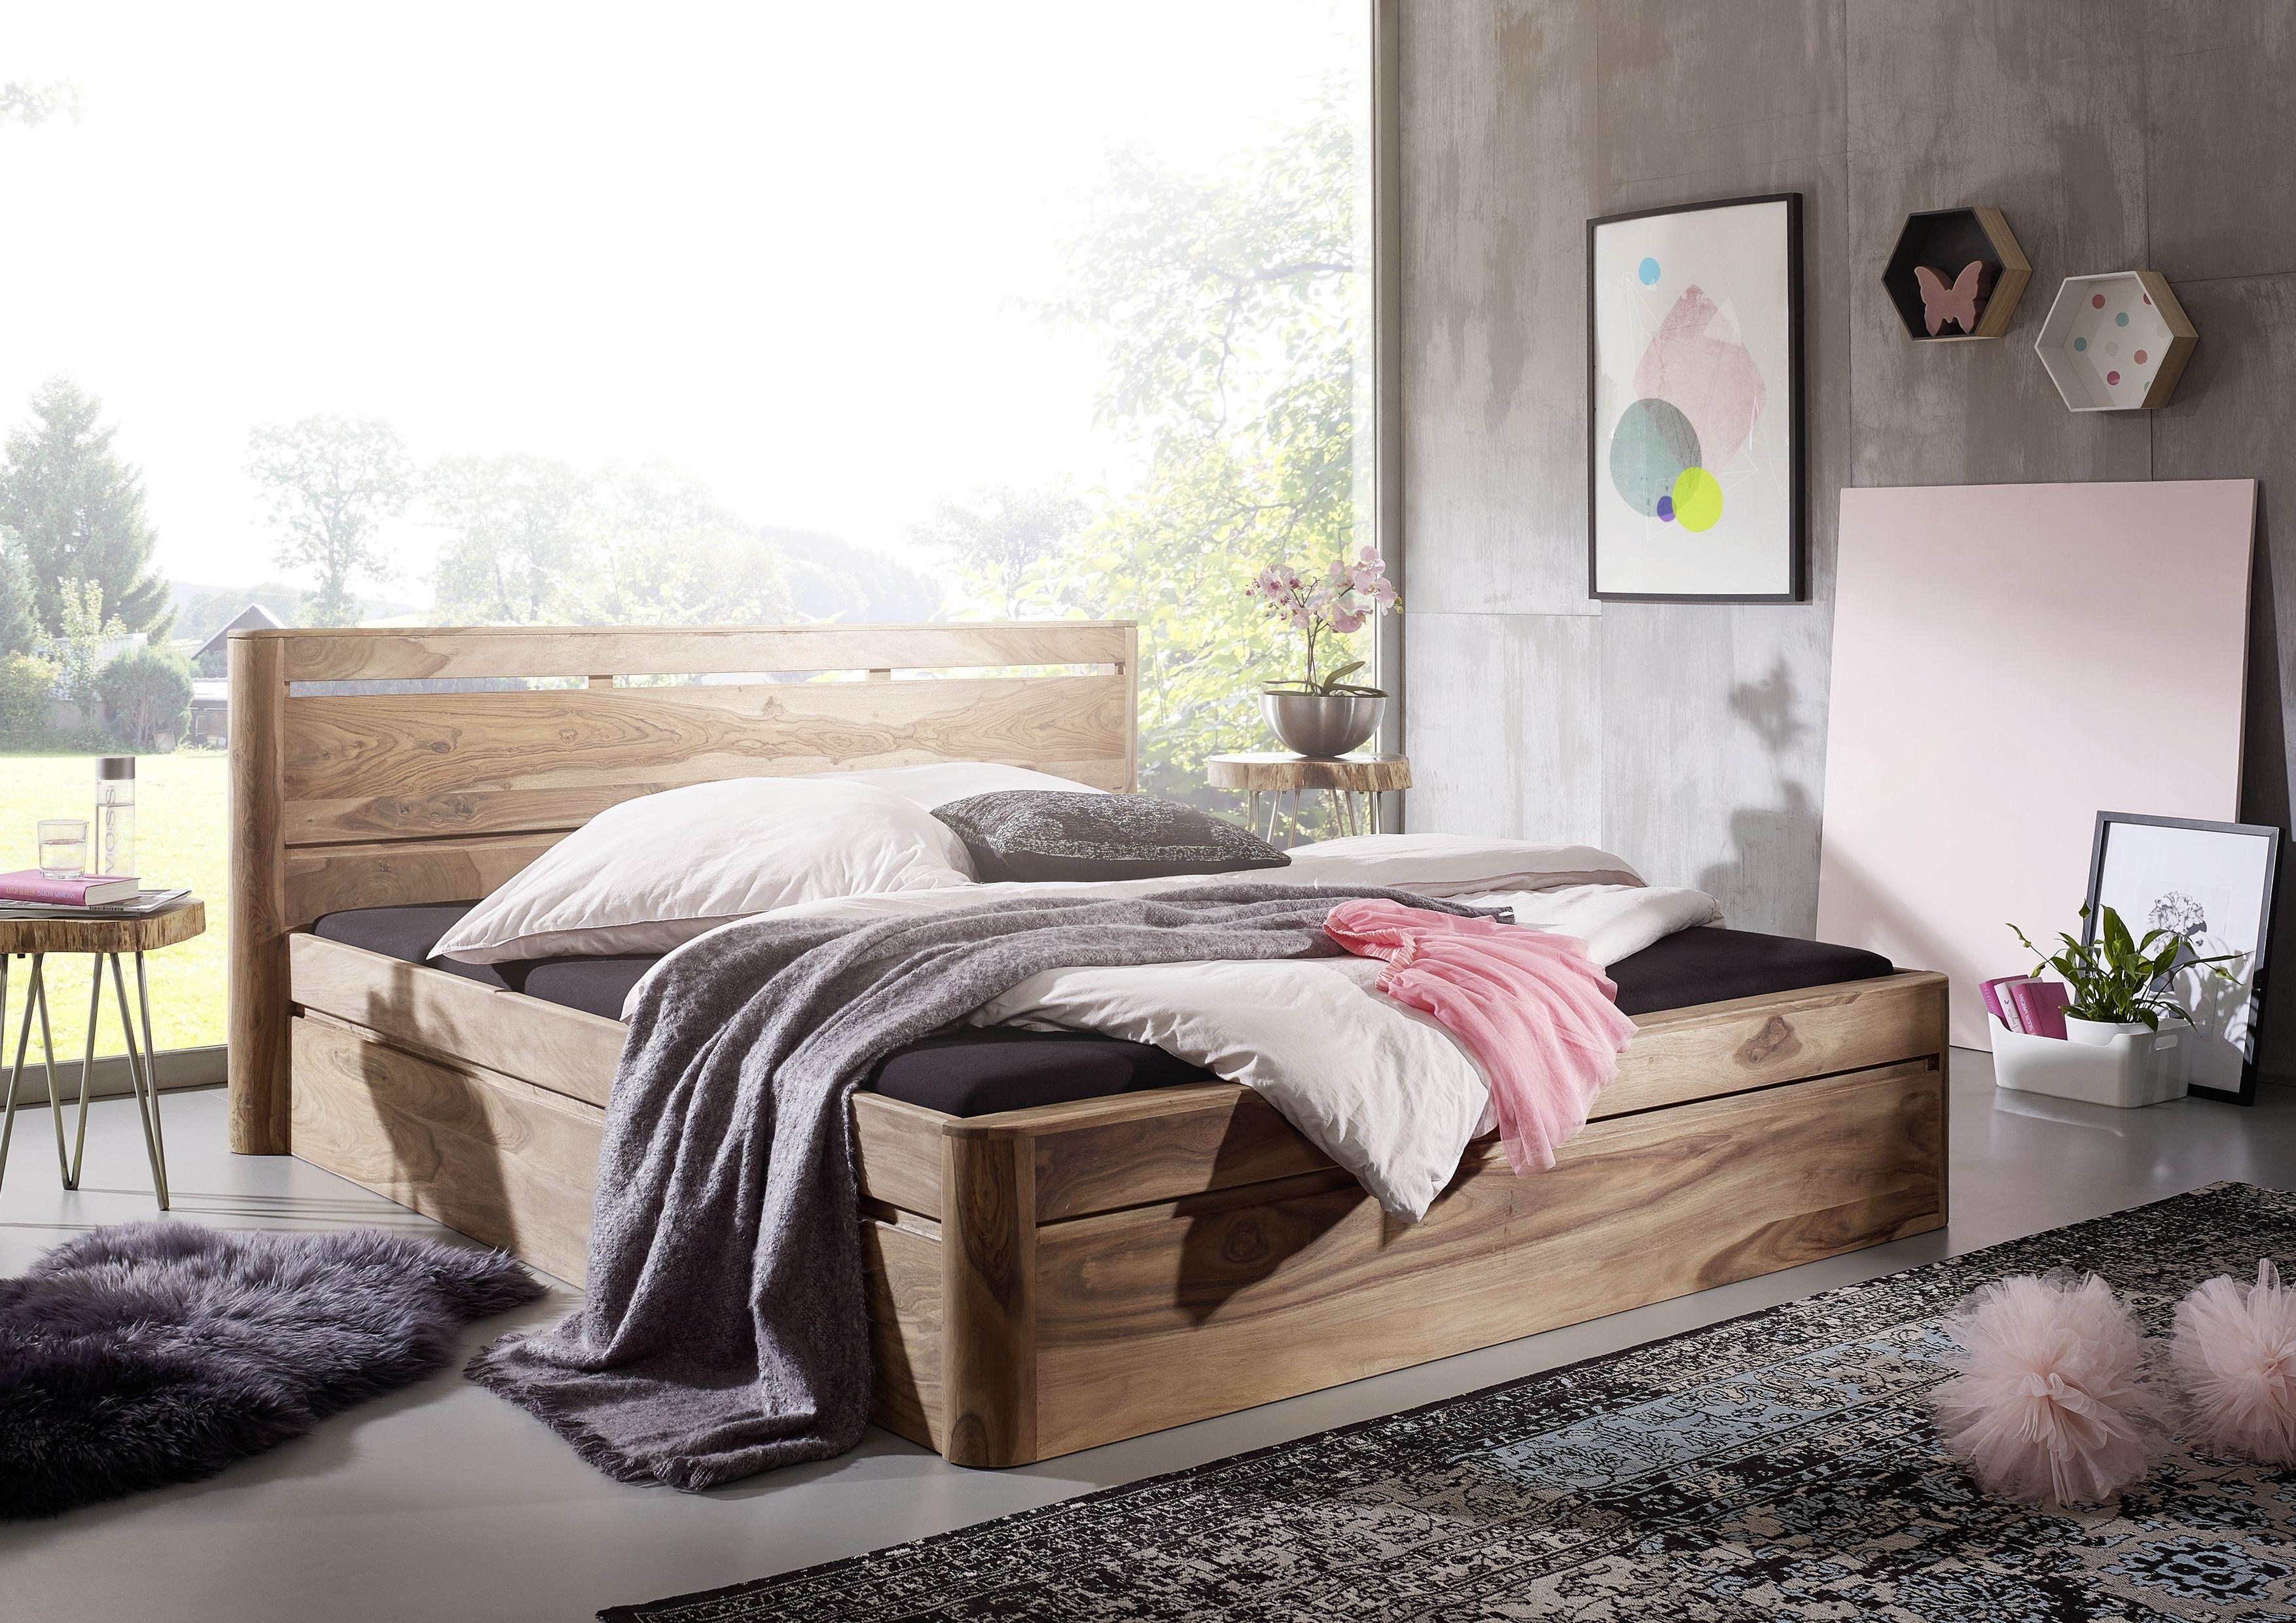 Bezaubernd Schöne Einrichtung Referenz Von Modernes Bett Ohne Konturen. Besonders Eindrucksvoll Ist